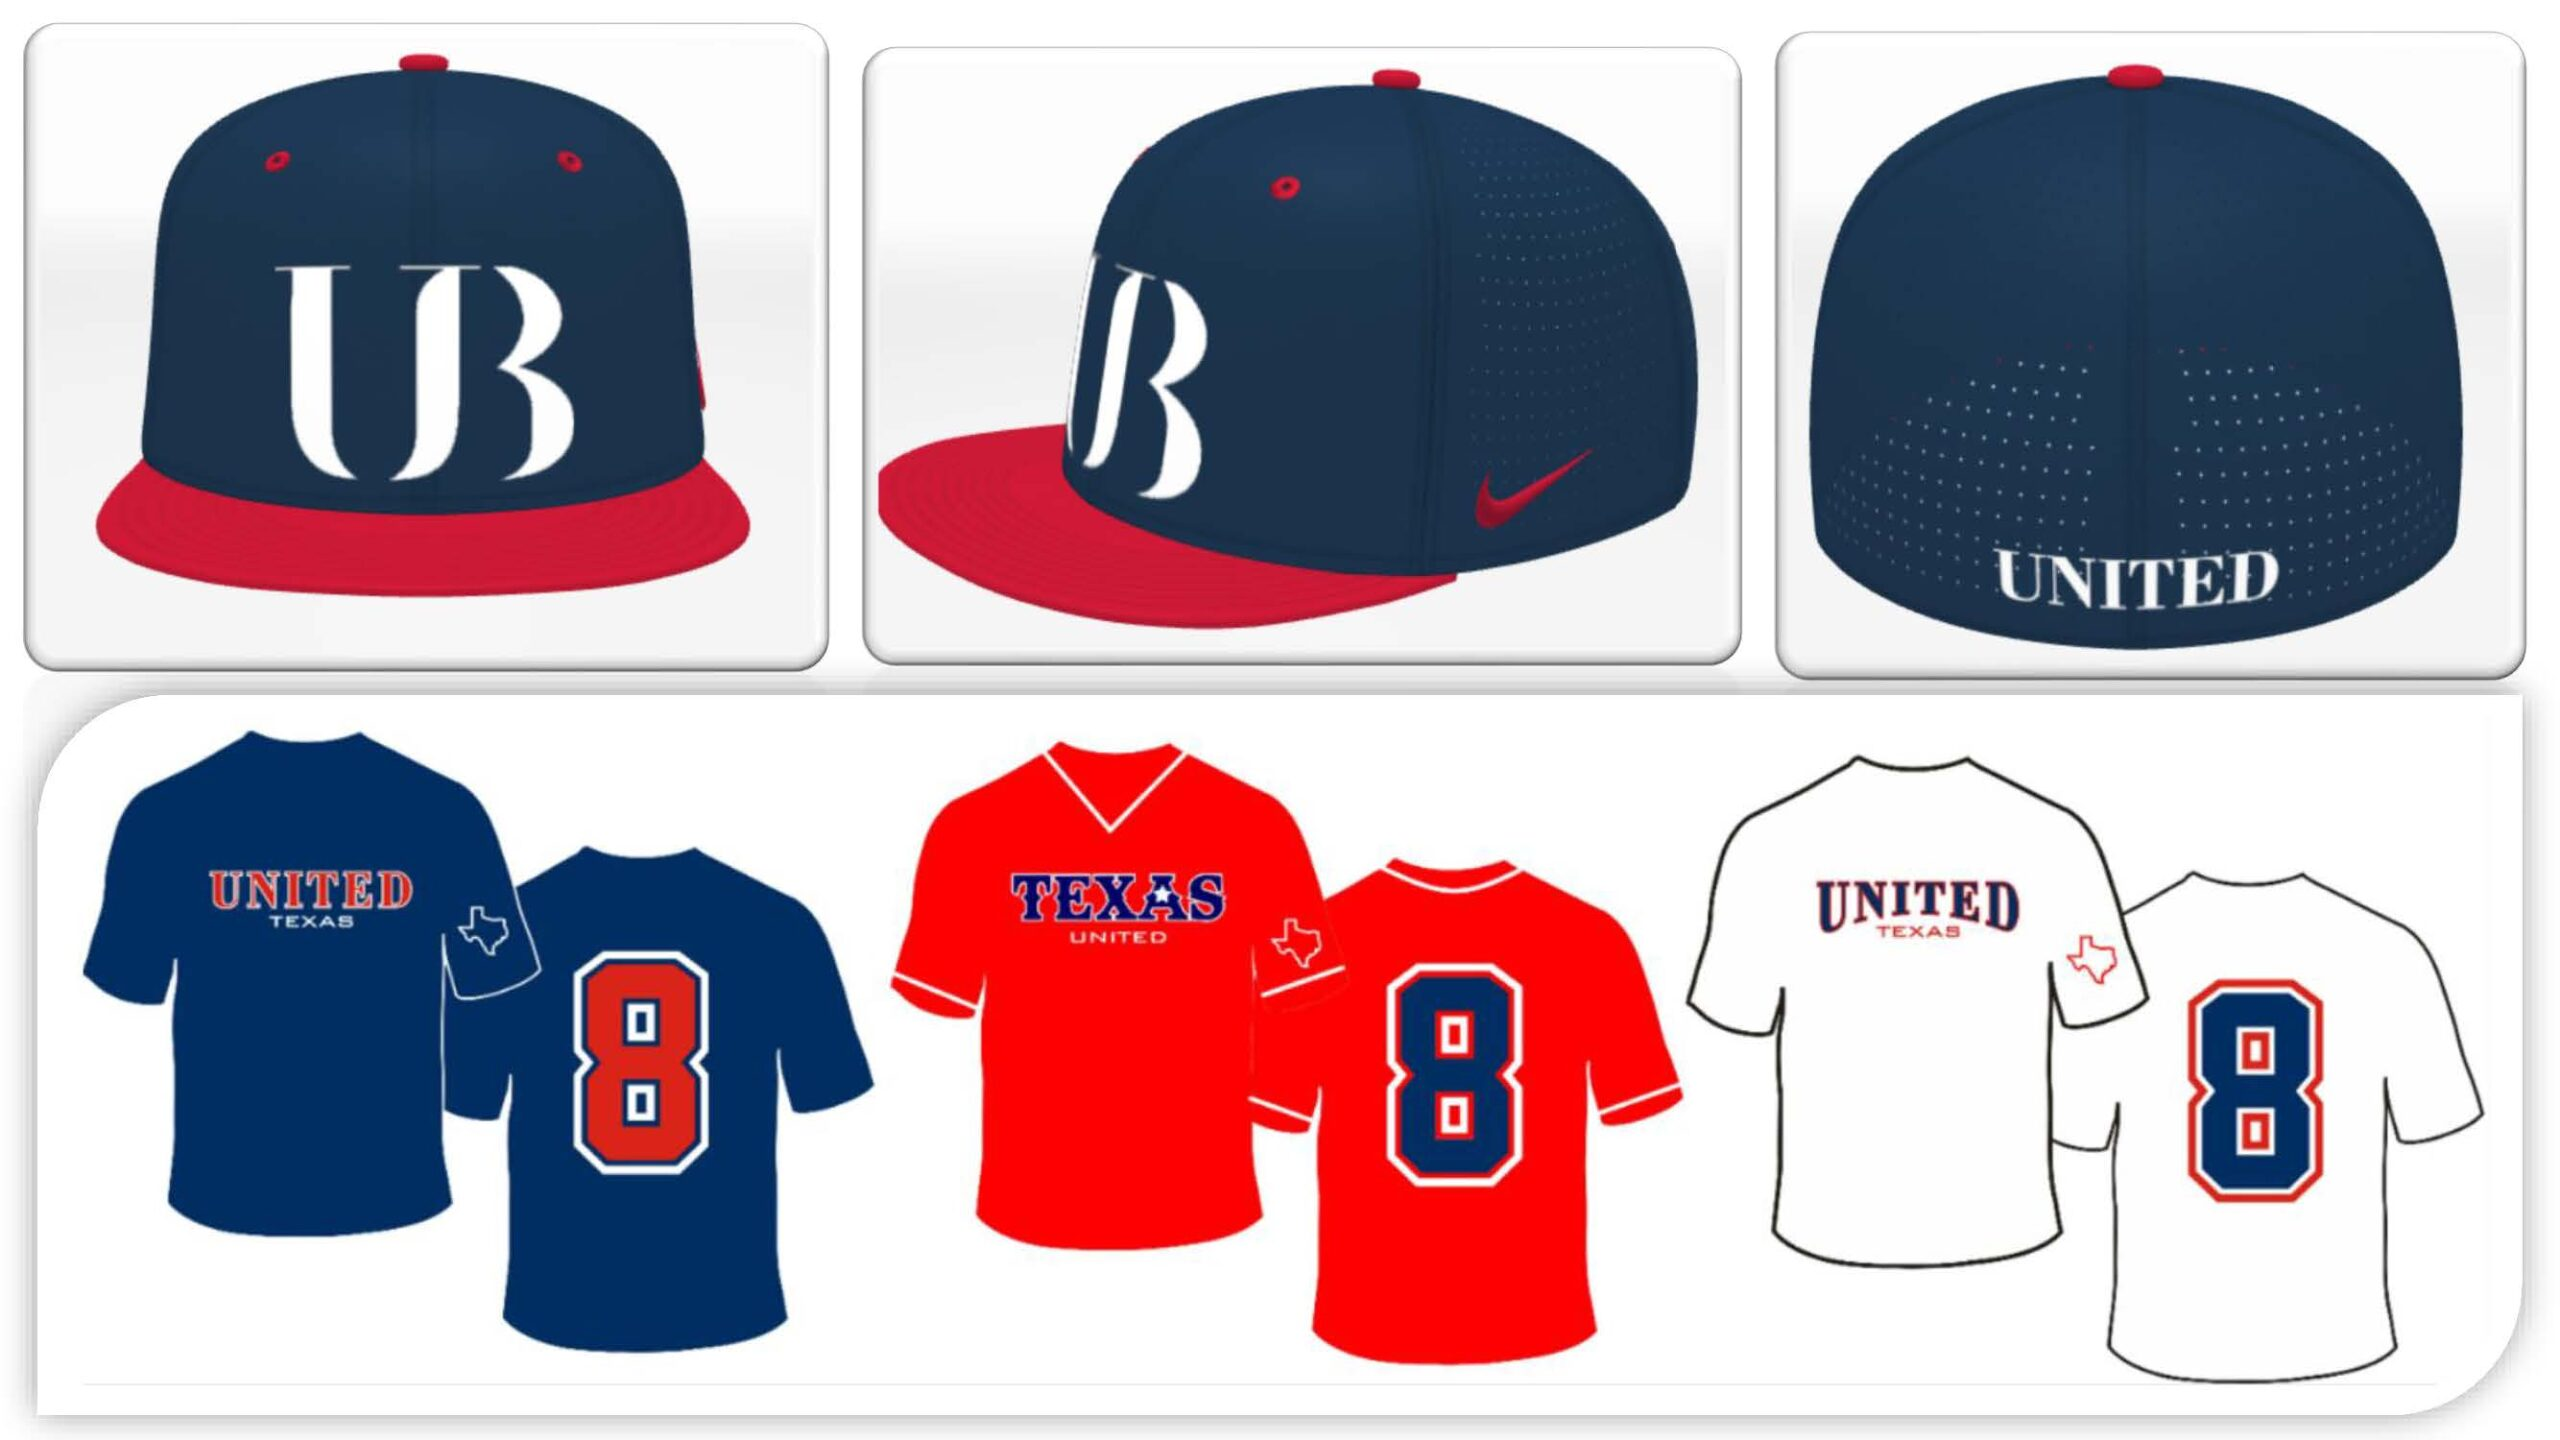 Texas Uniforms